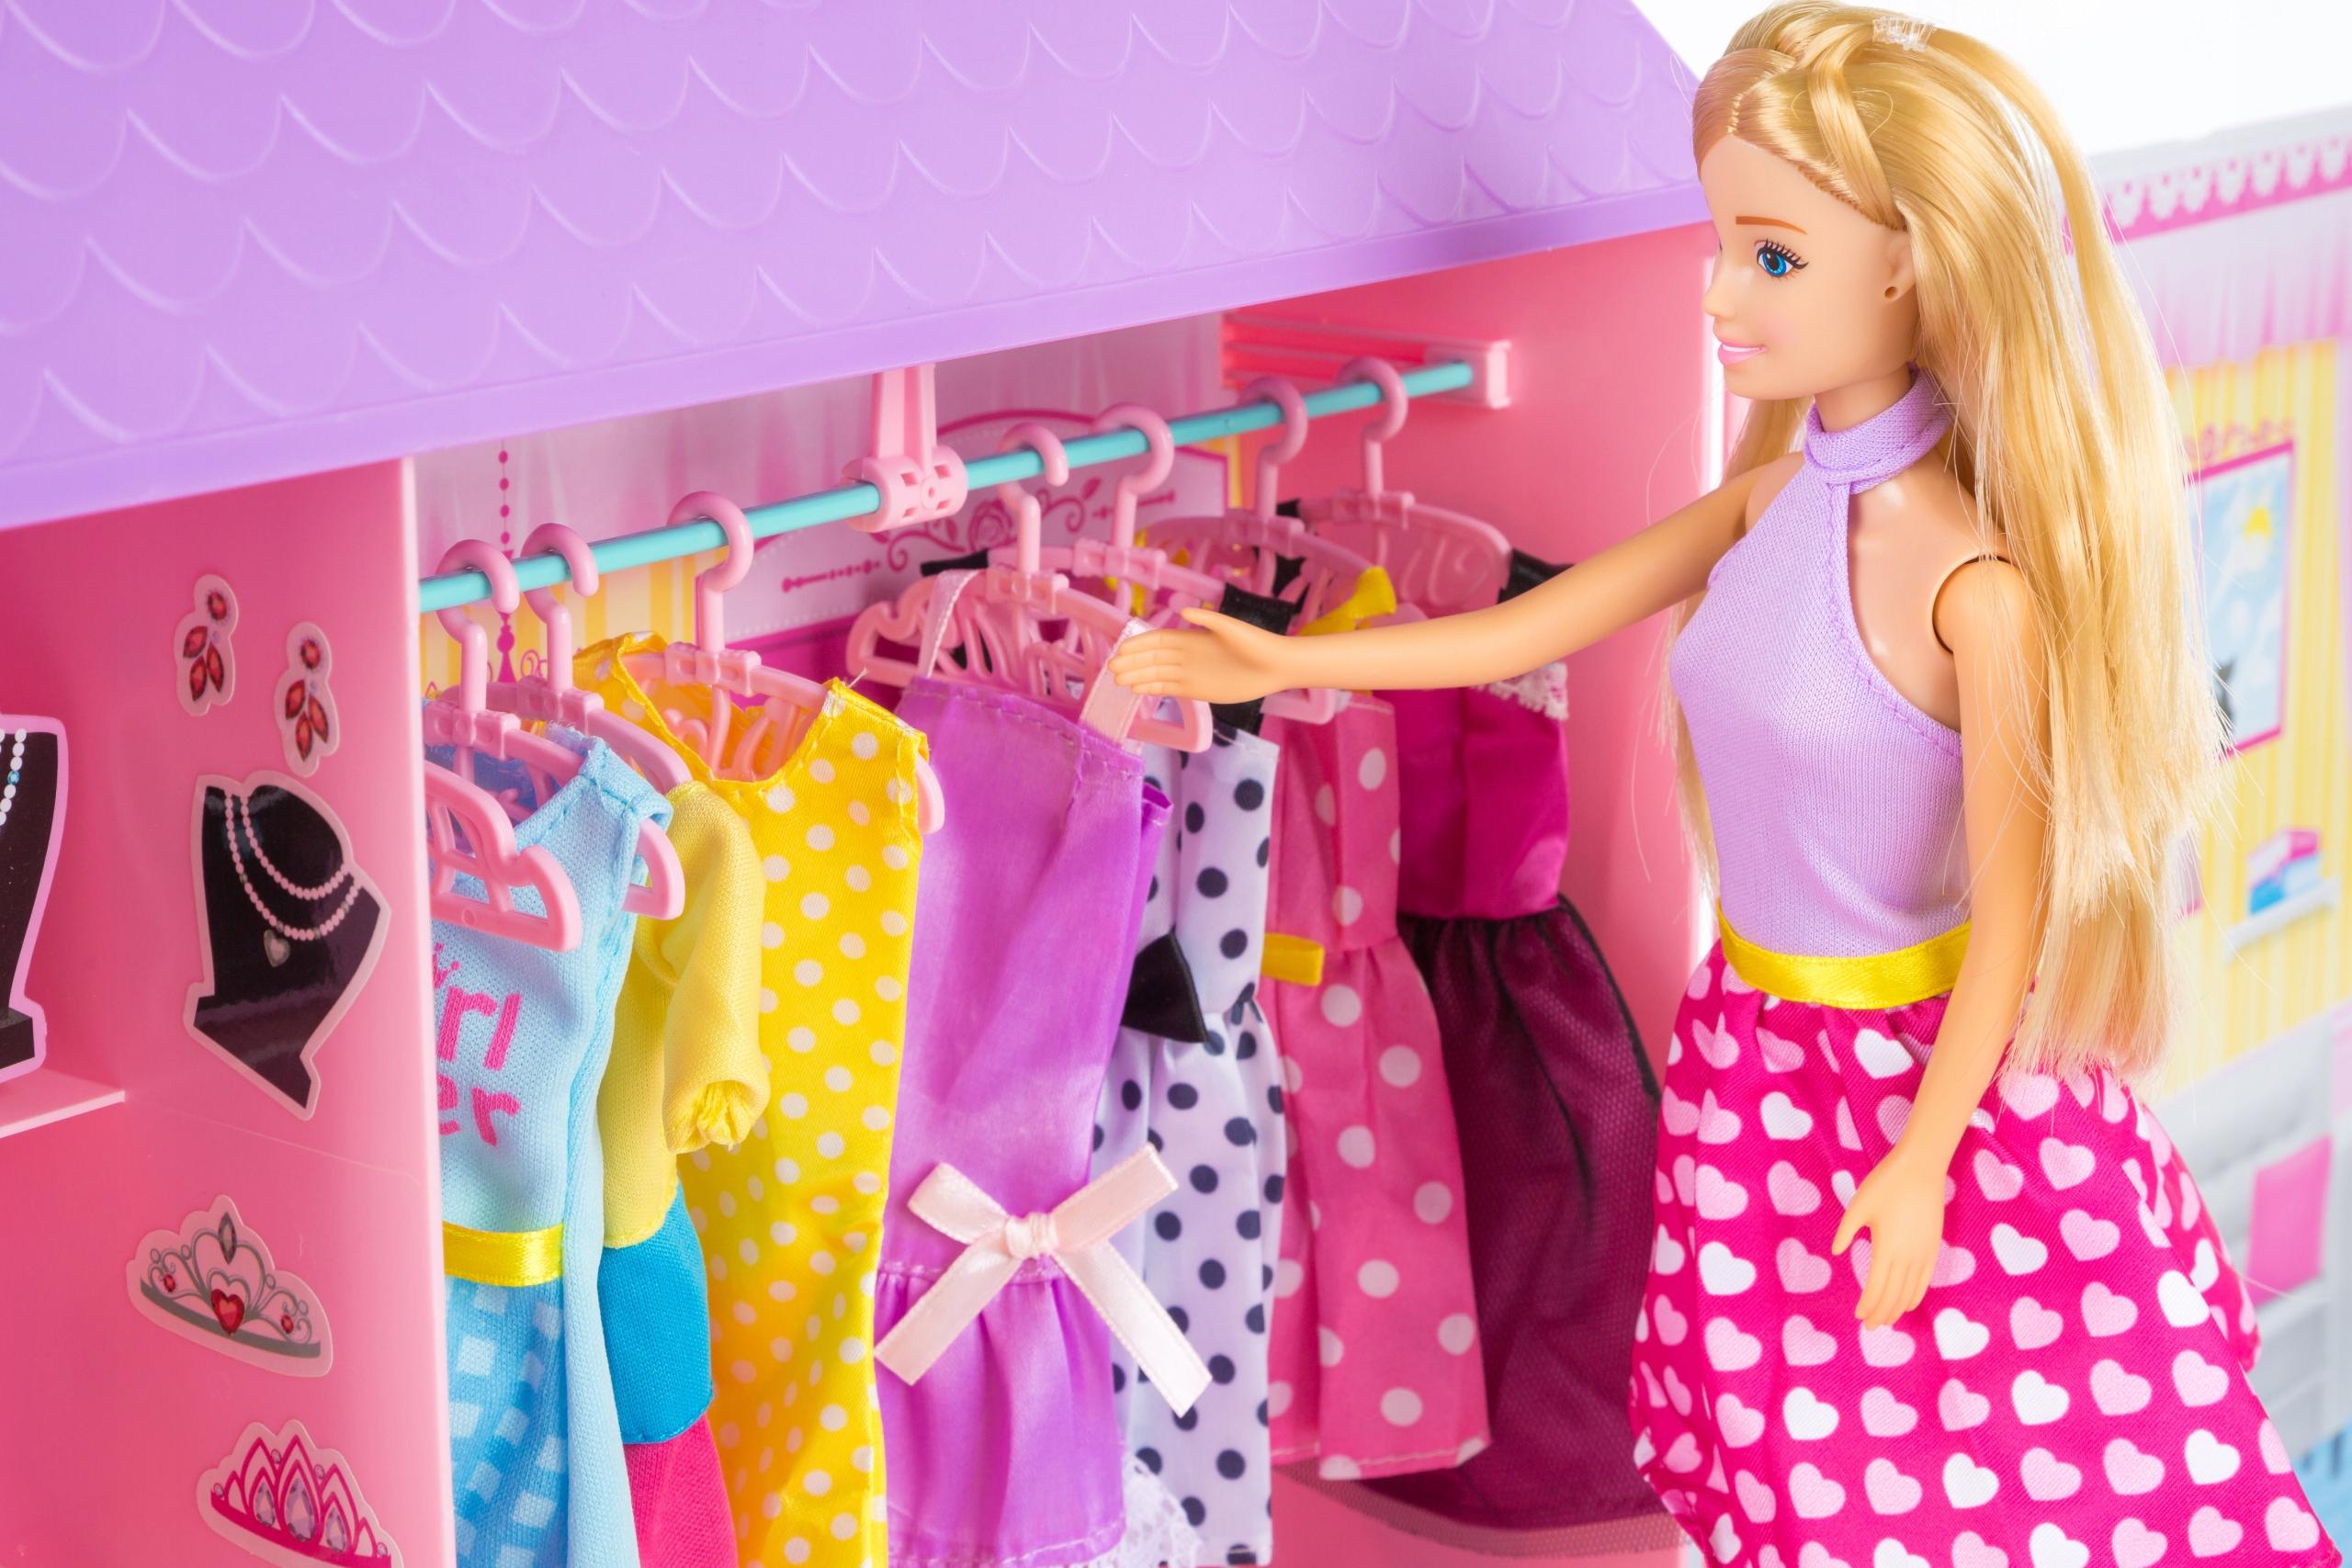 гардероб для куклы картинки калининградцы служат